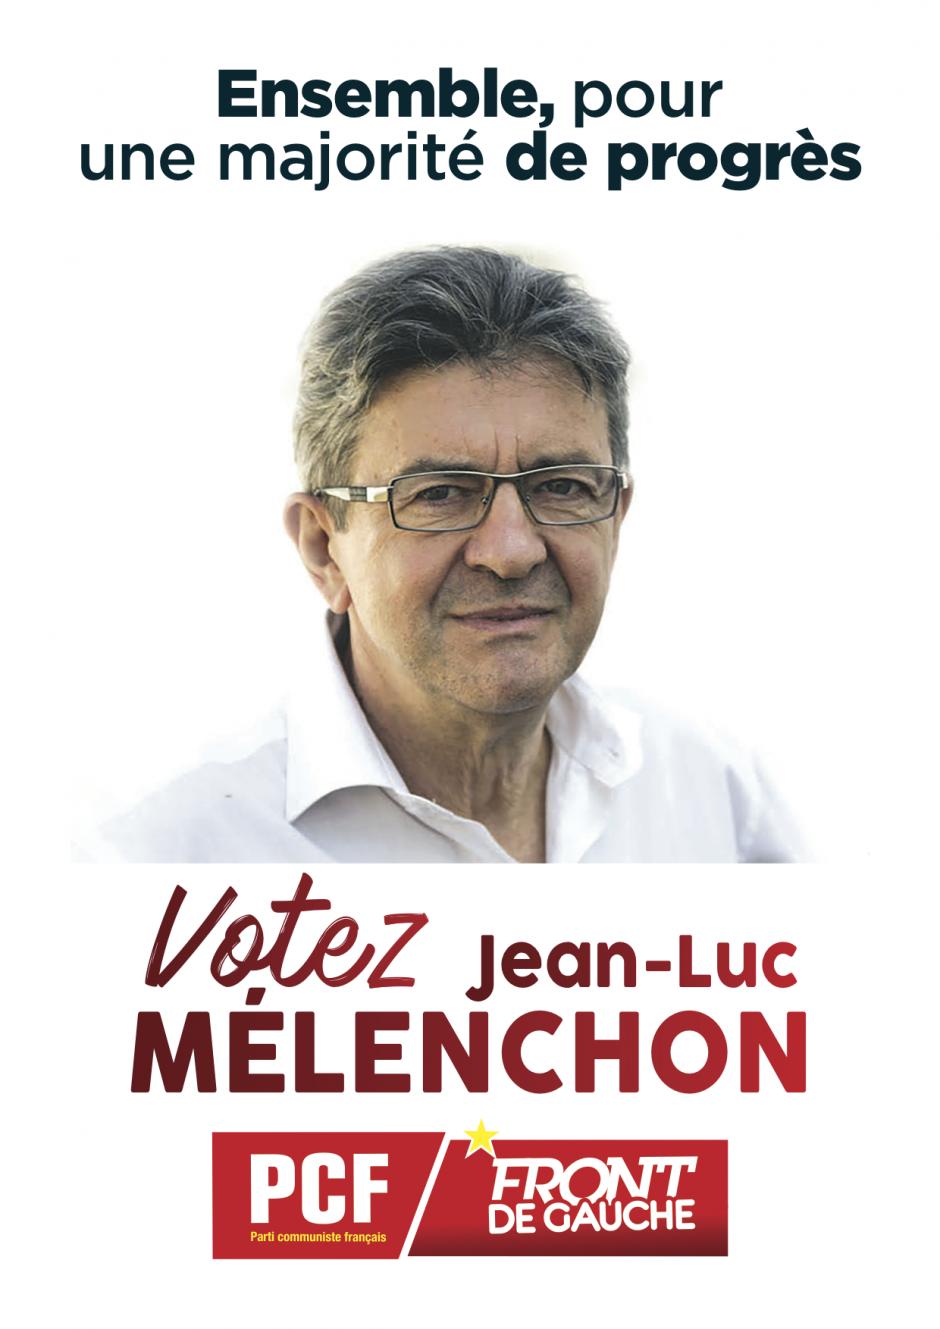 Huit jours pour convaincre et faire gagner Jean-Luc Mélenchon et le peuple